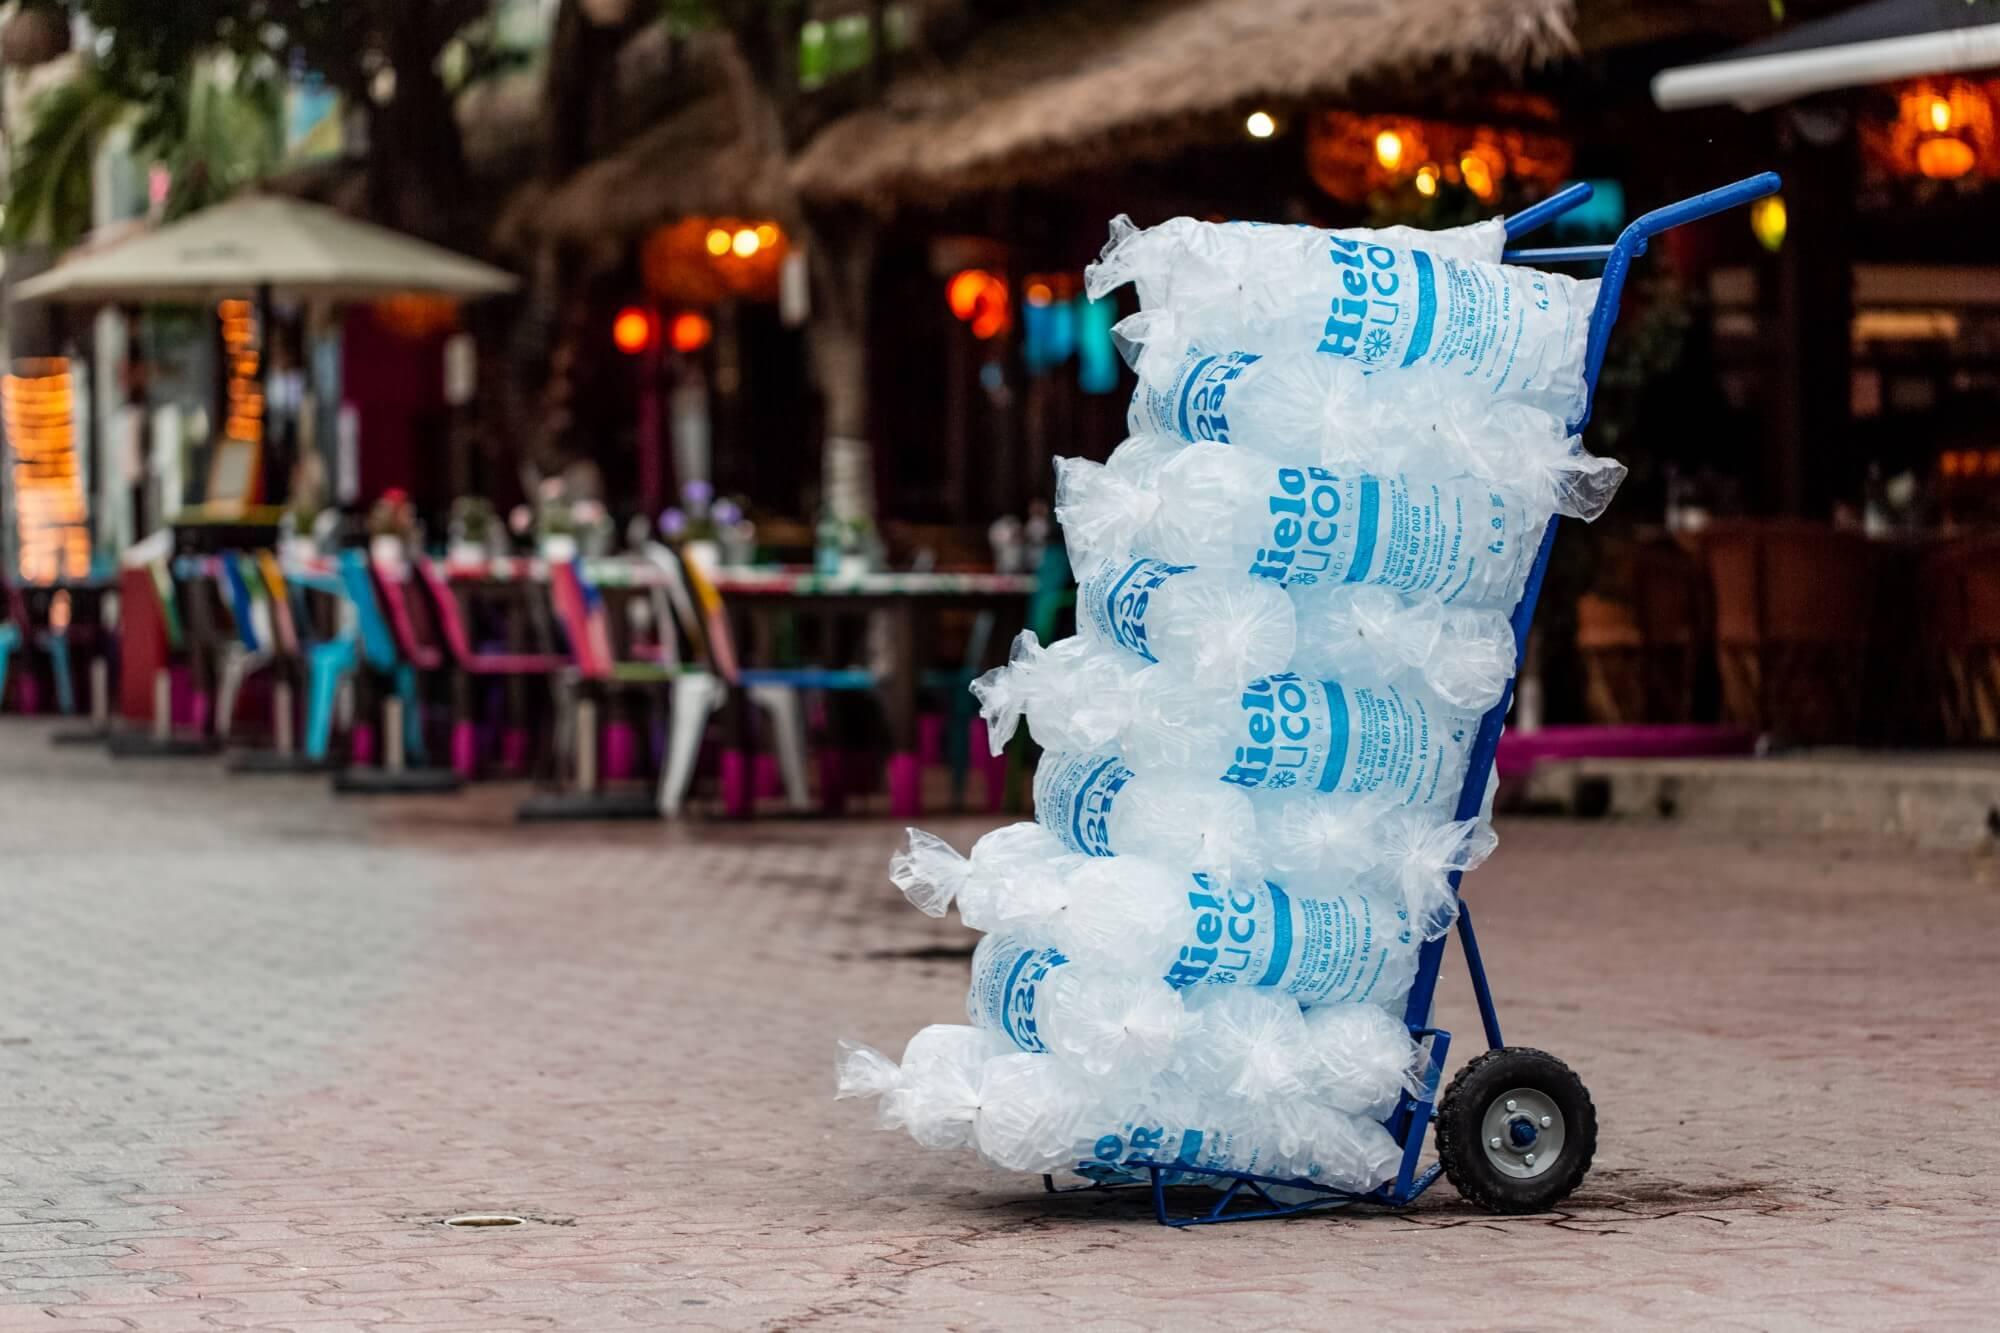 Hielo Rolicor - El hielo de la Riviera Maya